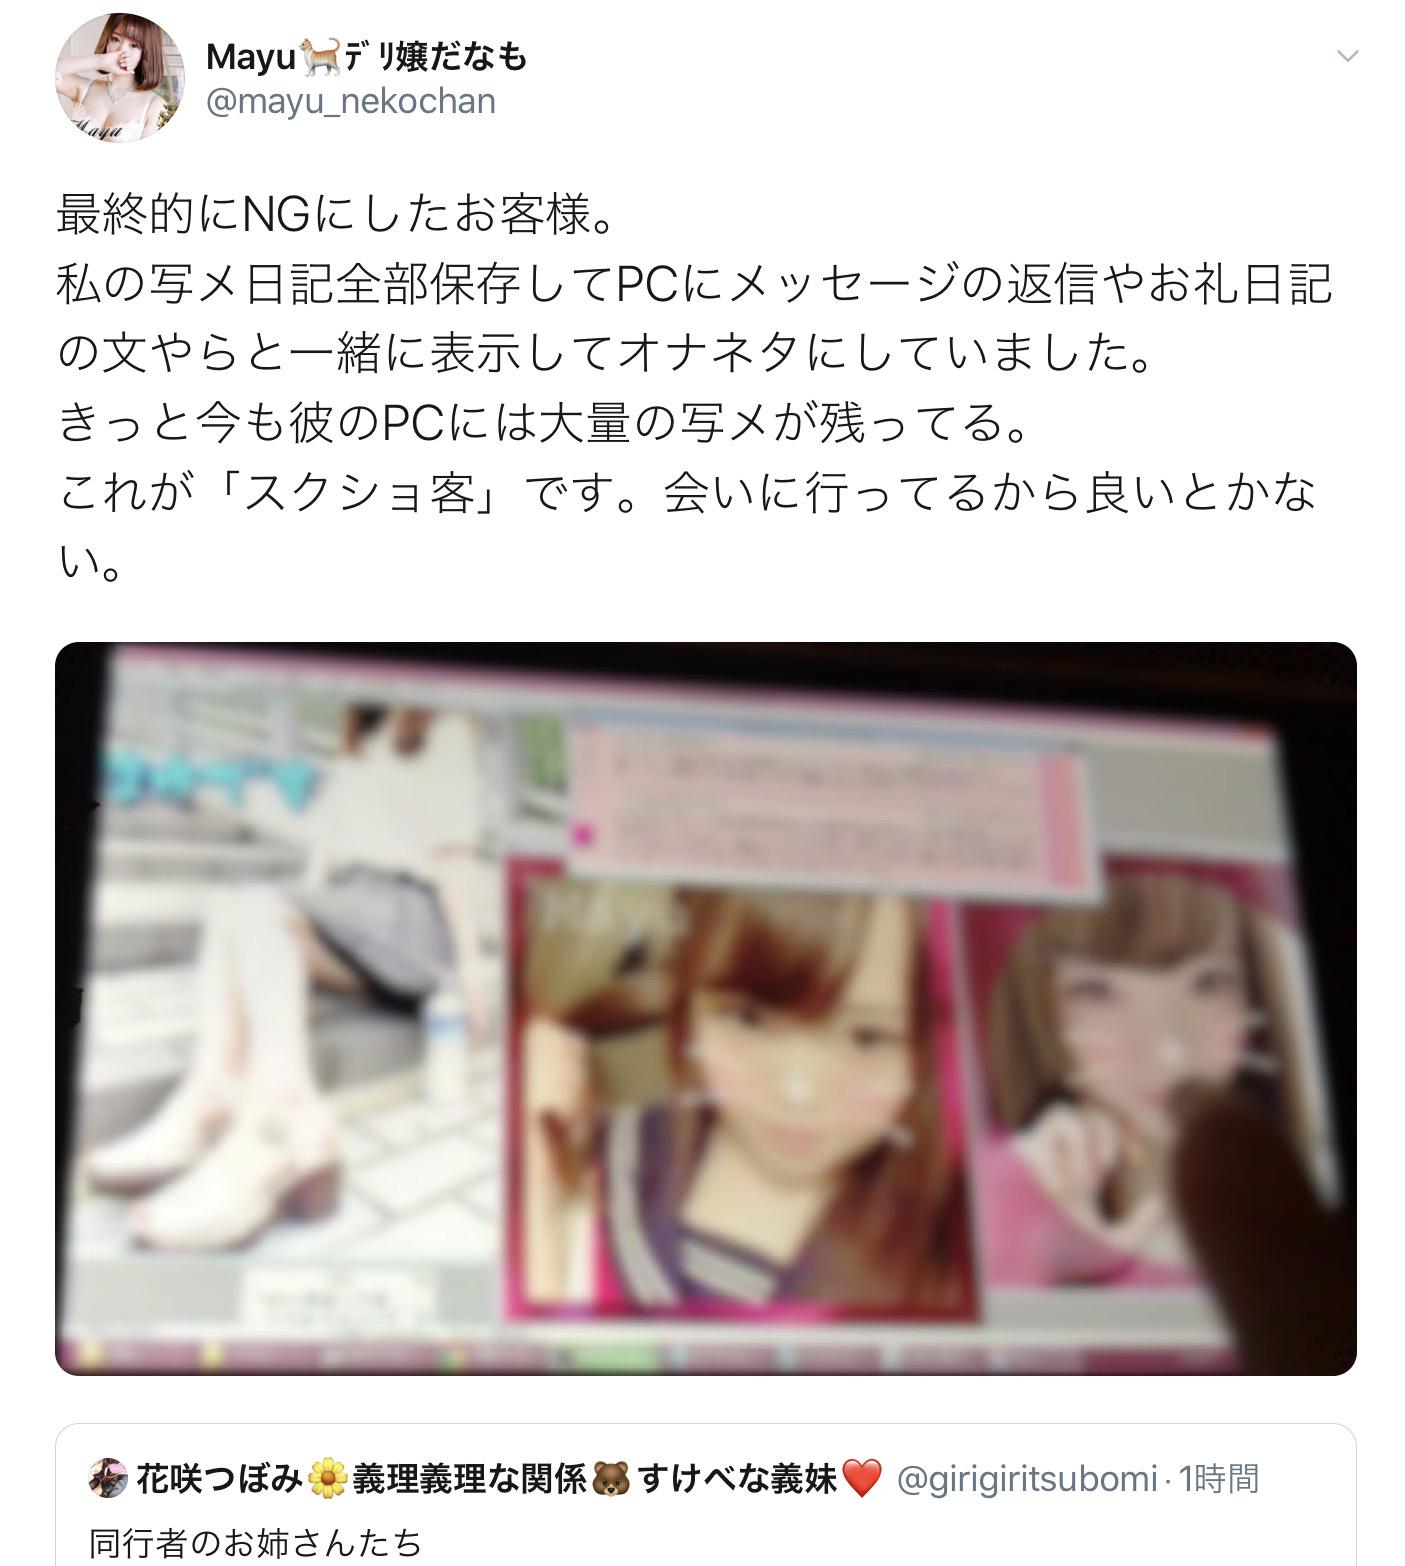 【画像】風俗嬢「あたしの写メ日記の写真全部保存してオナネタにしてる客NGにした!!!!」